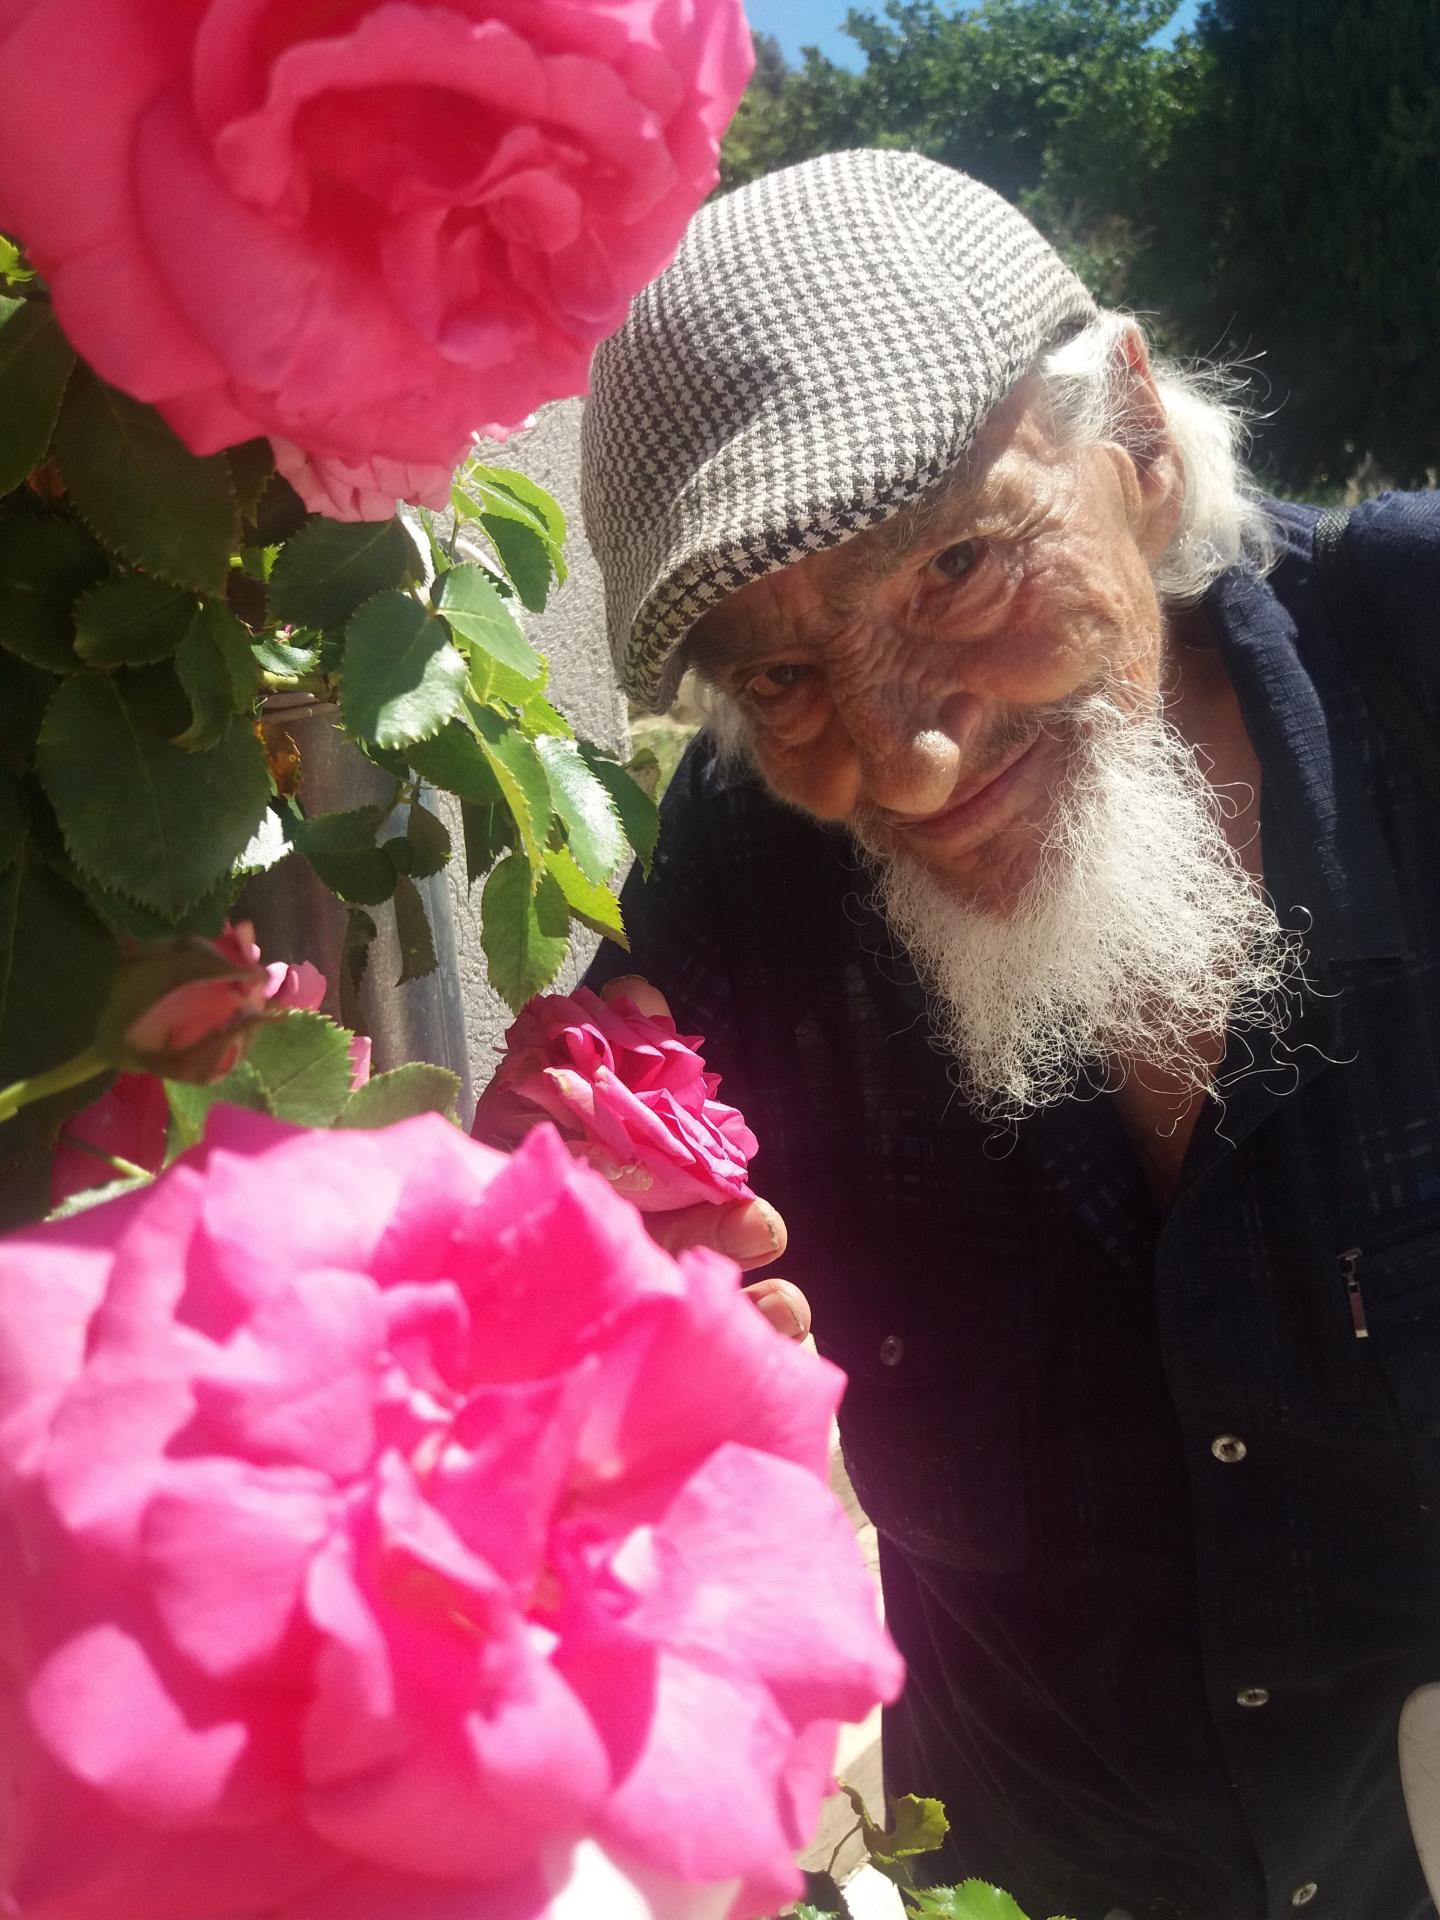 À 94 ans, Lucien jardine, échange, aide et participe ainsi activement à la vie du hameau.